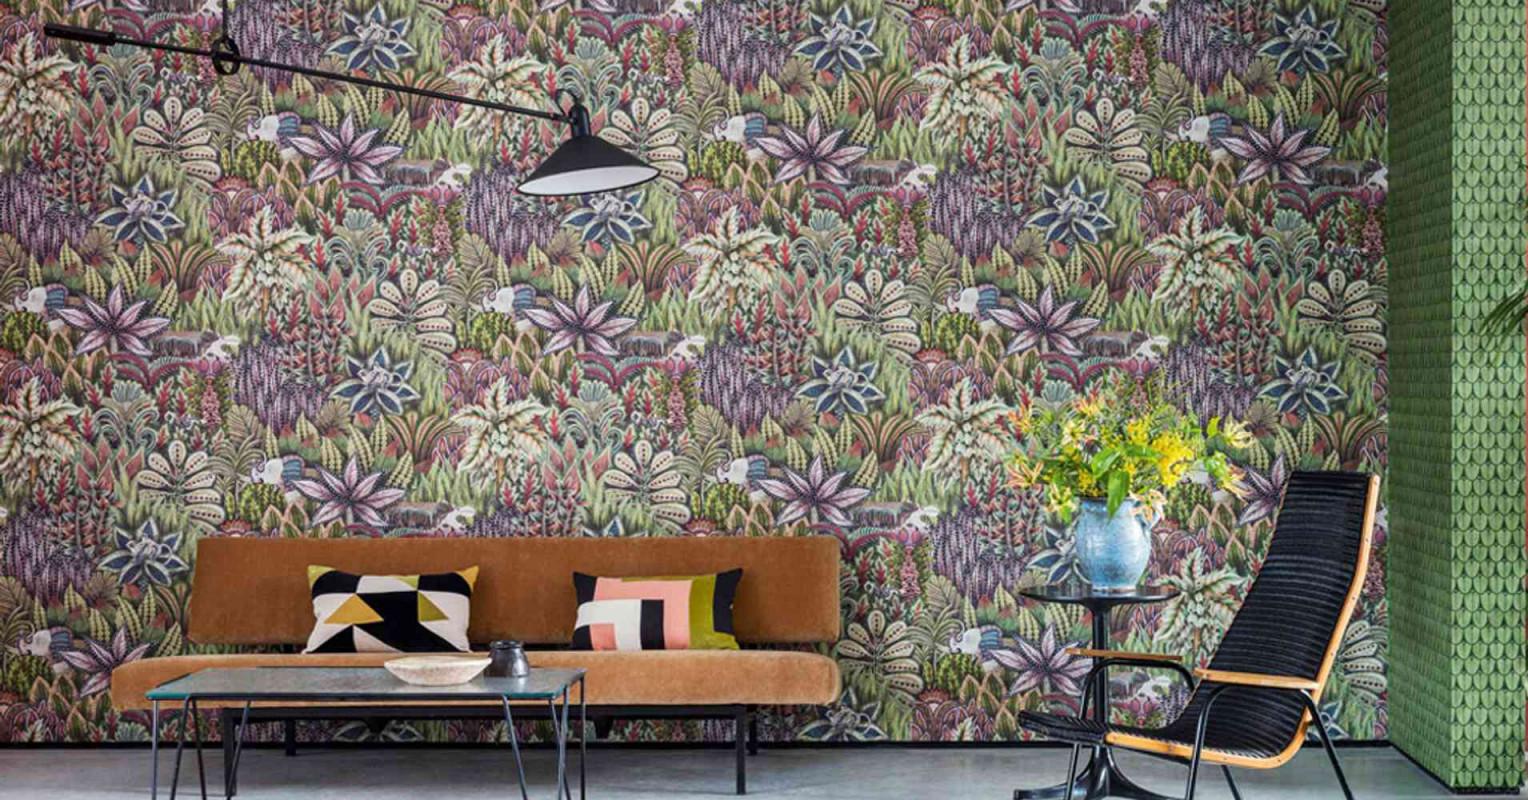 Wandgestaltung Im Wohnzimmer Tipps Zu Farben Tapeten von Wohnzimmer Mit Tapete Gestalten Bild